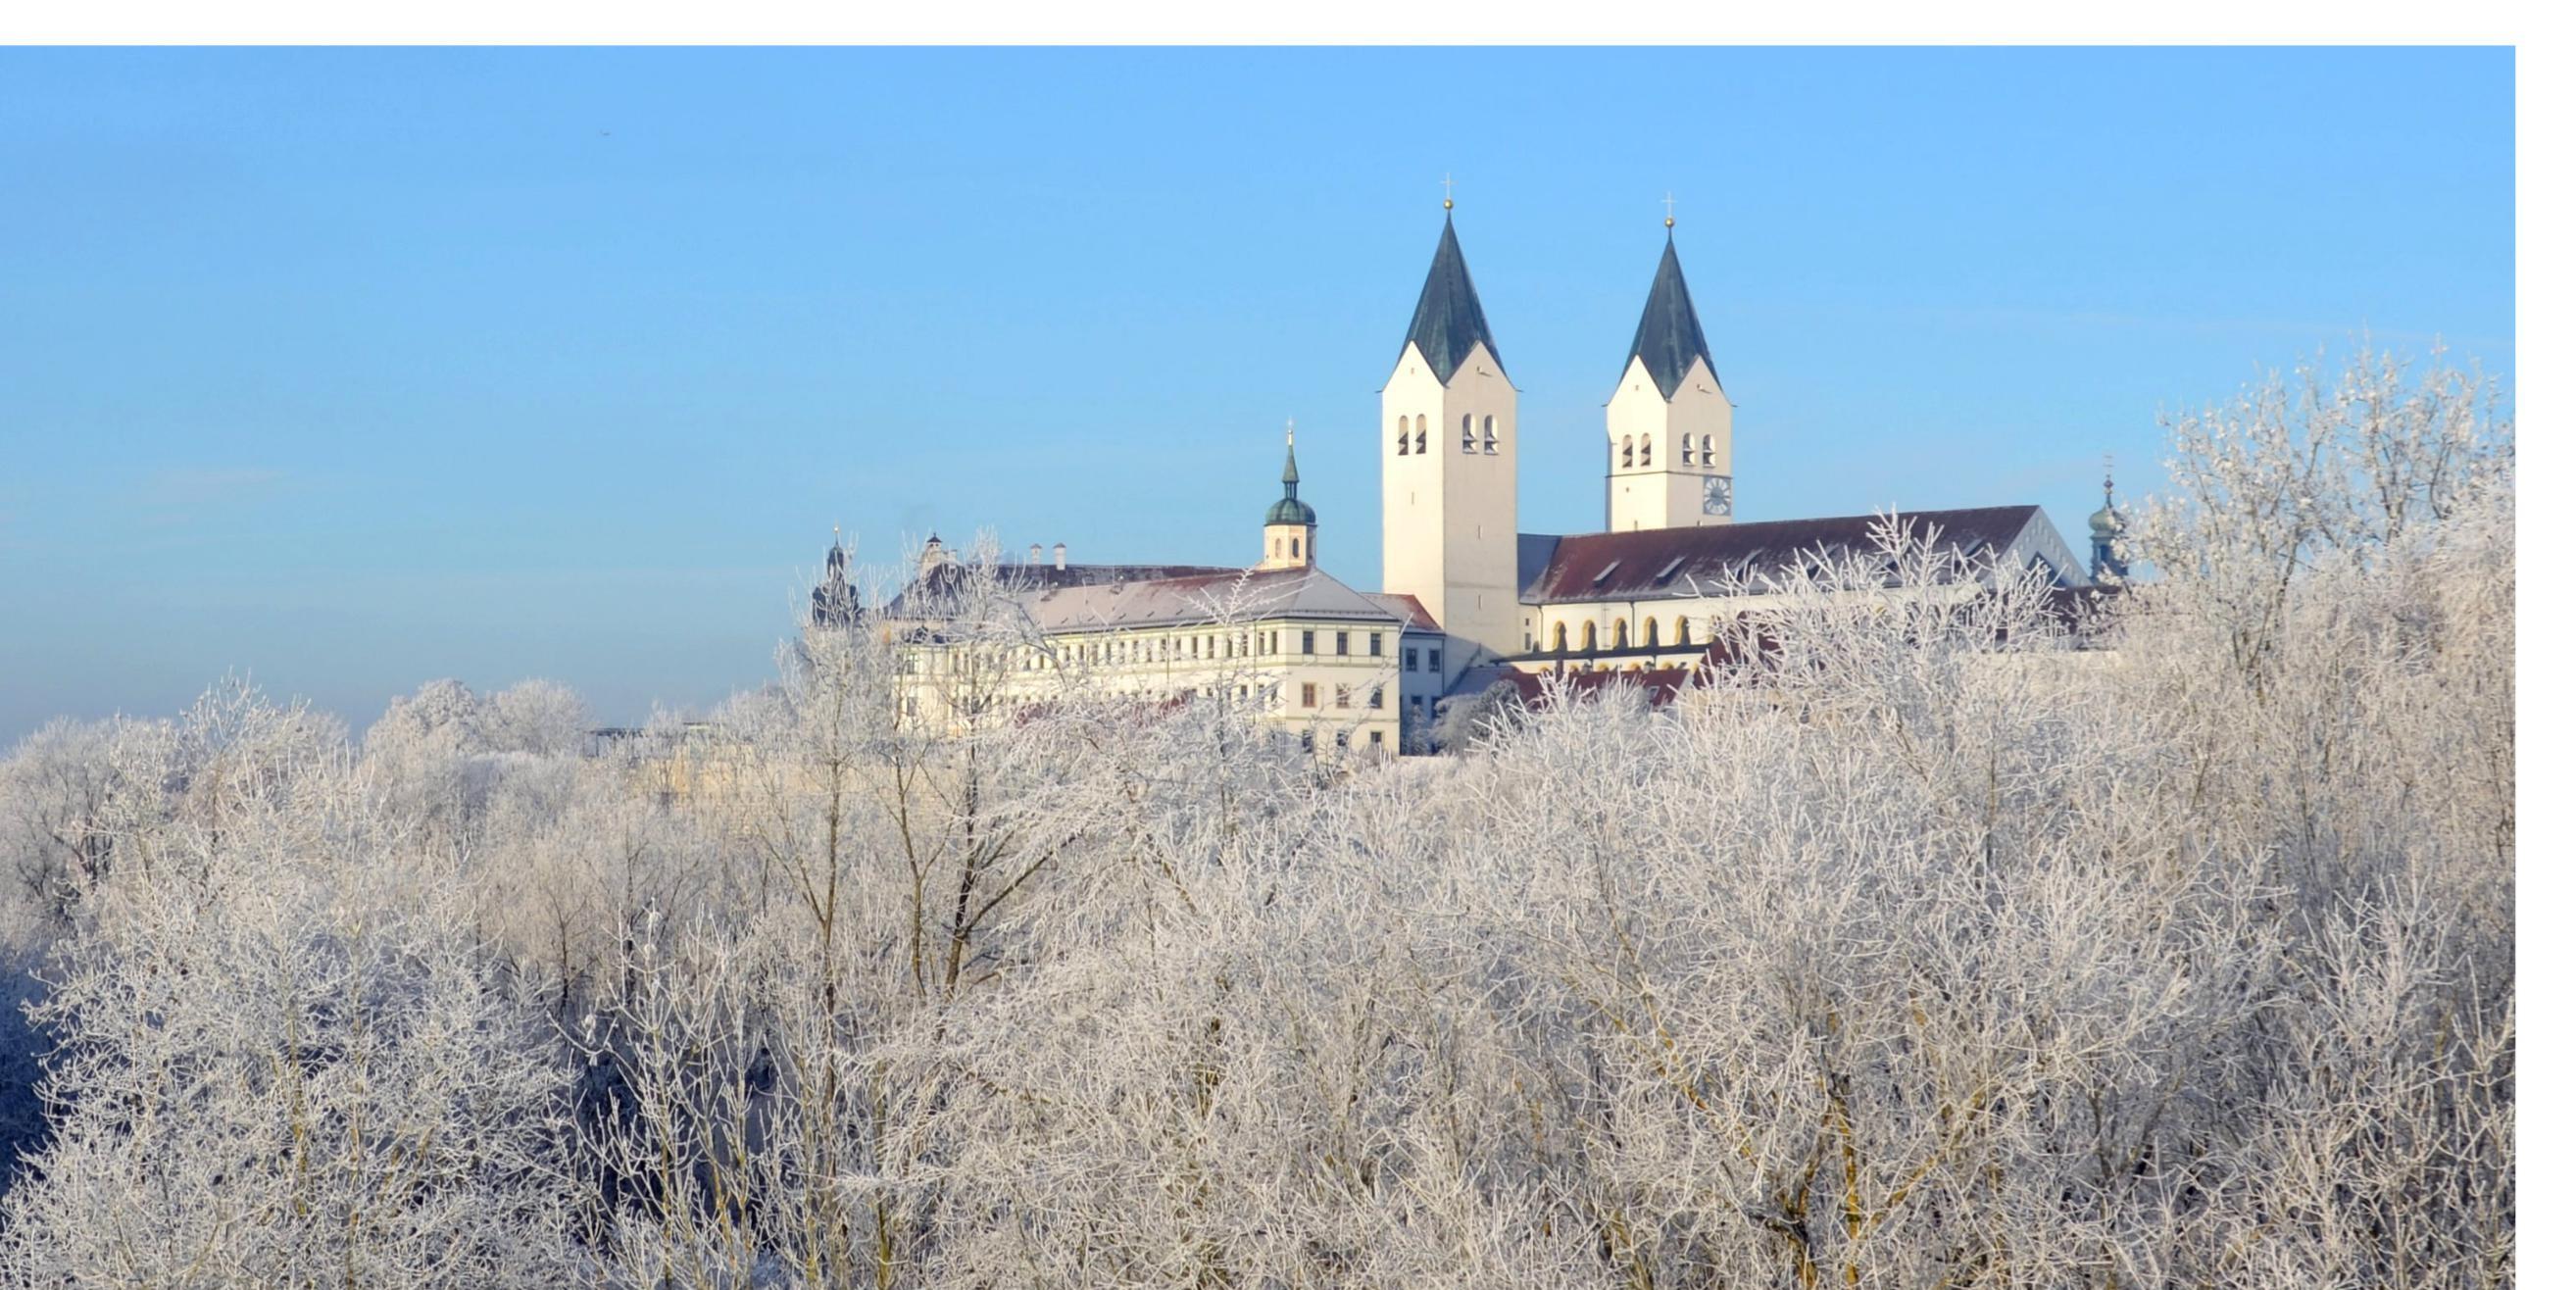 Winterstimmung in Freising